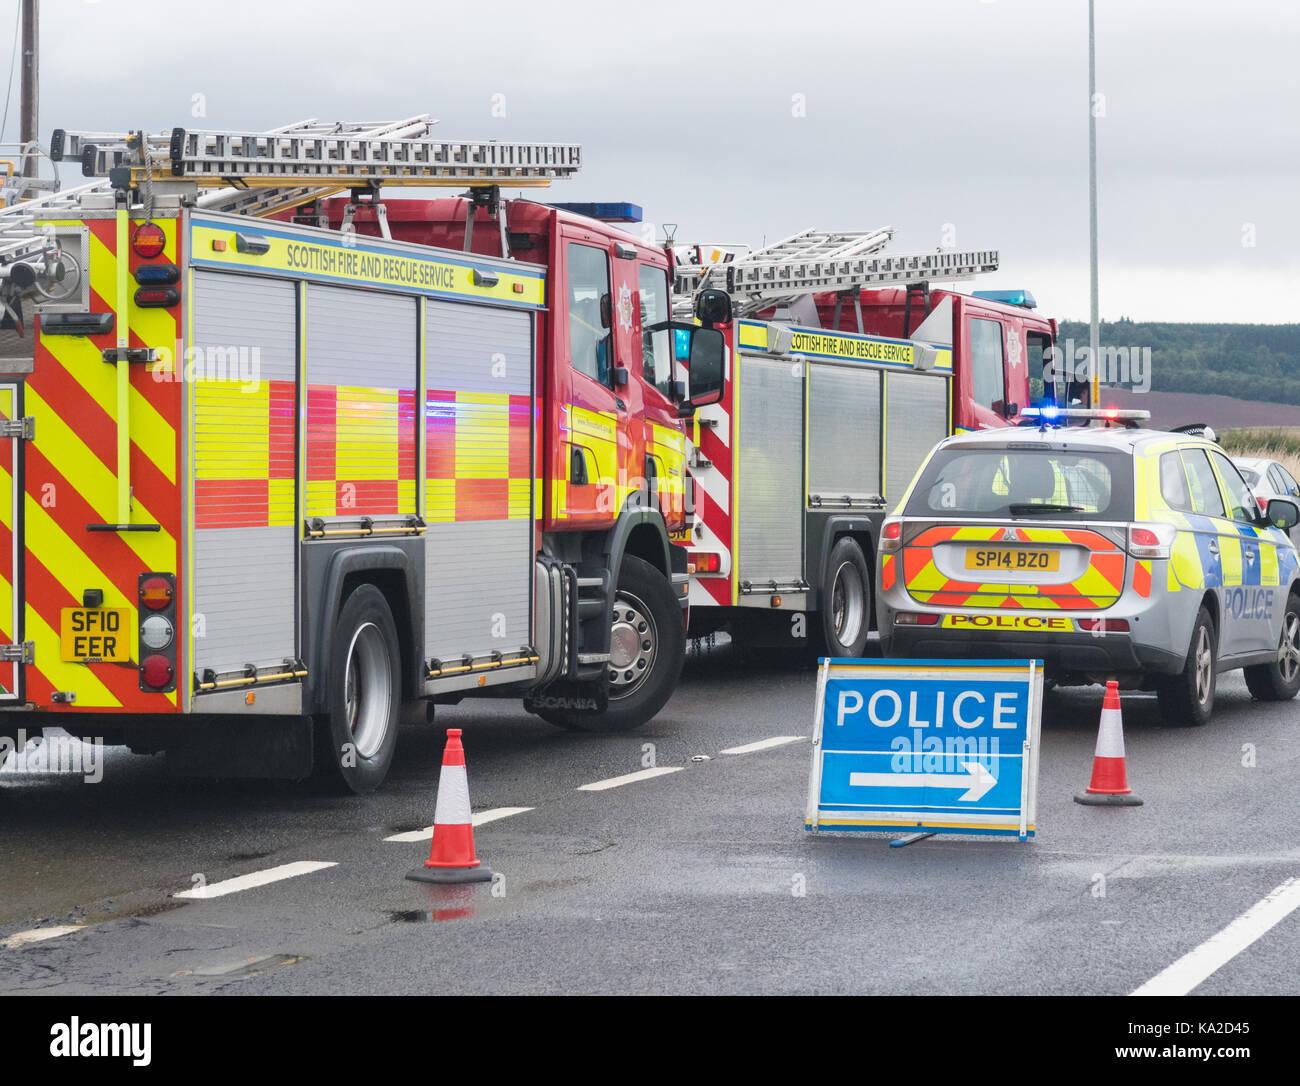 Les véhicules des services d'urgence à un accident de la circulation, Ecosse, Royaume-Uni Photo Stock